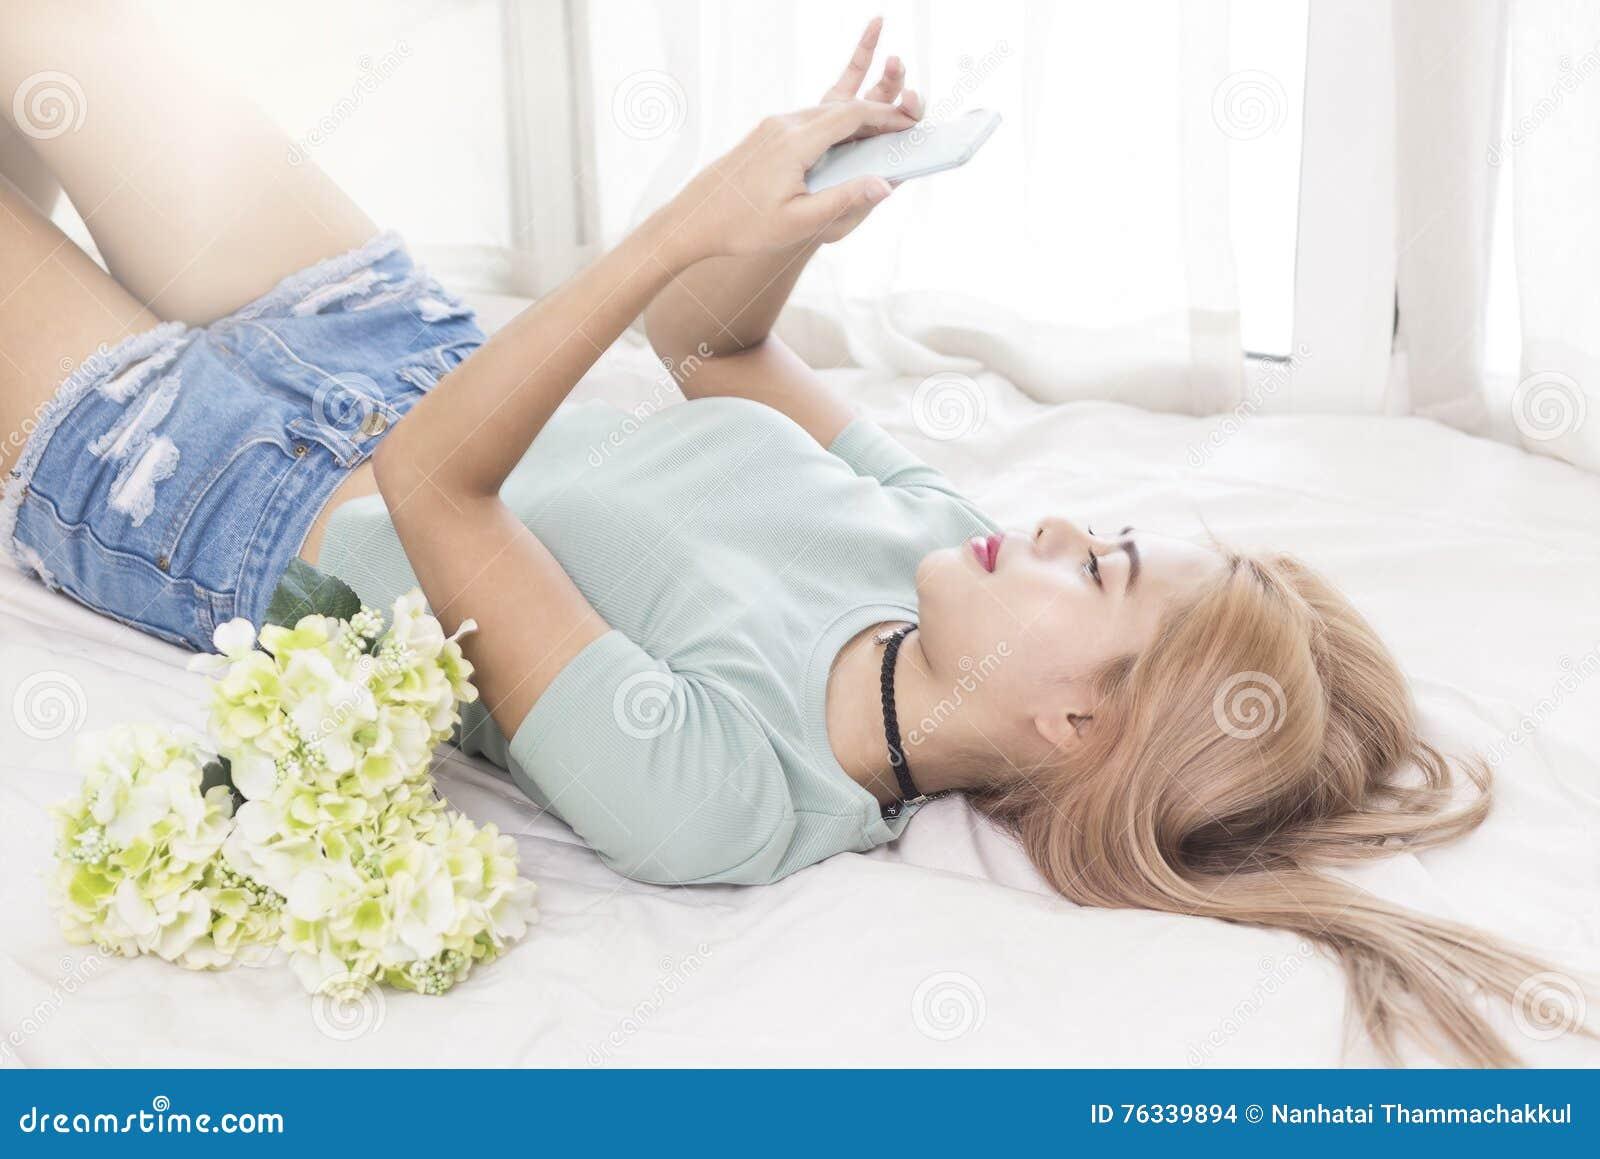 Ung kvinna på sängbruksmobiltelefonen